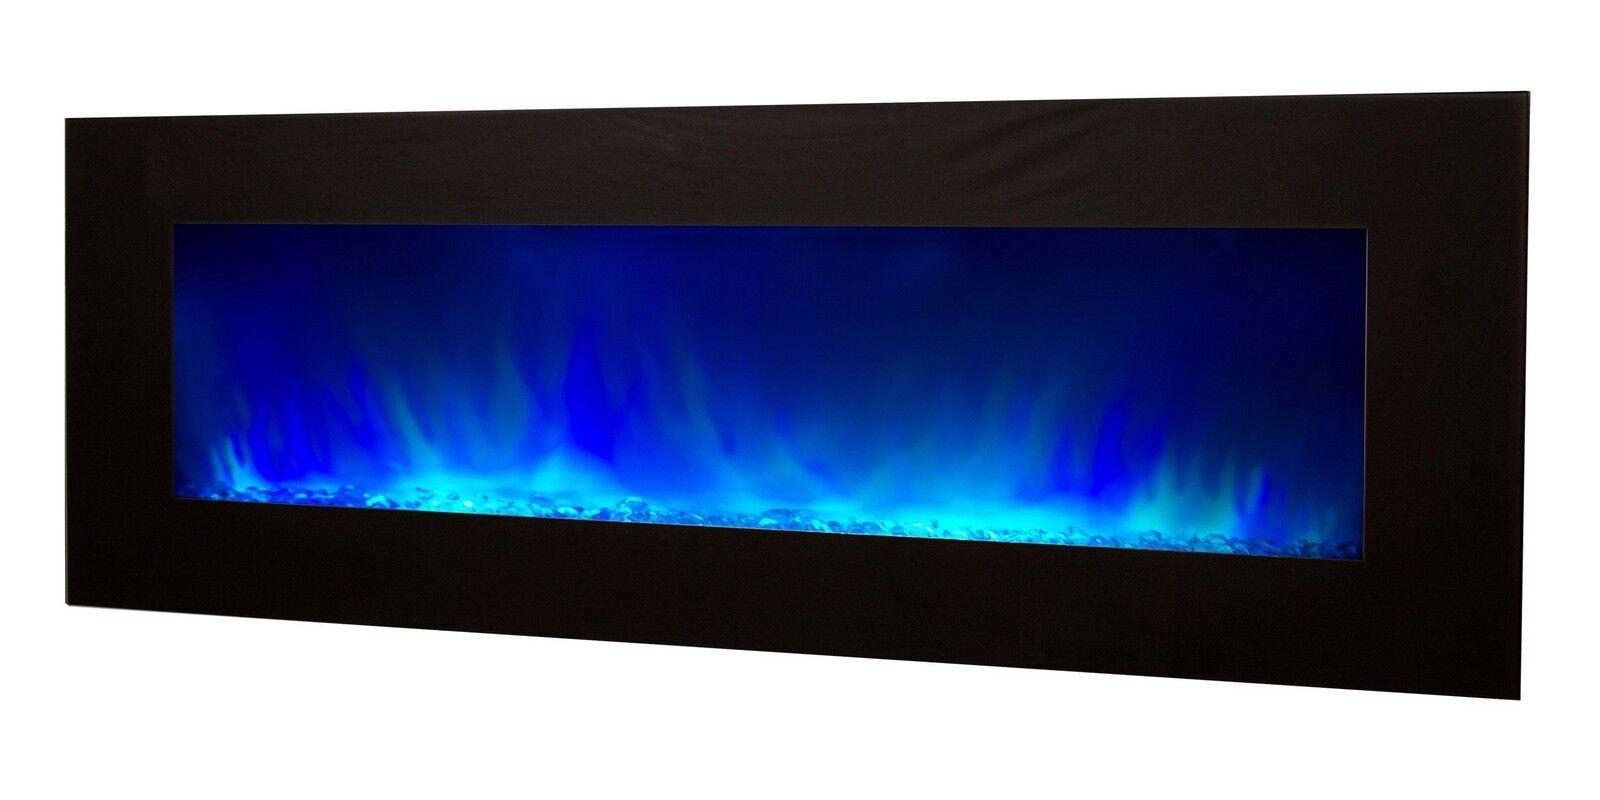 gdegdesign Grande cheminée électrique XXL noire décorative lumineuse LED - Volcano 5XL